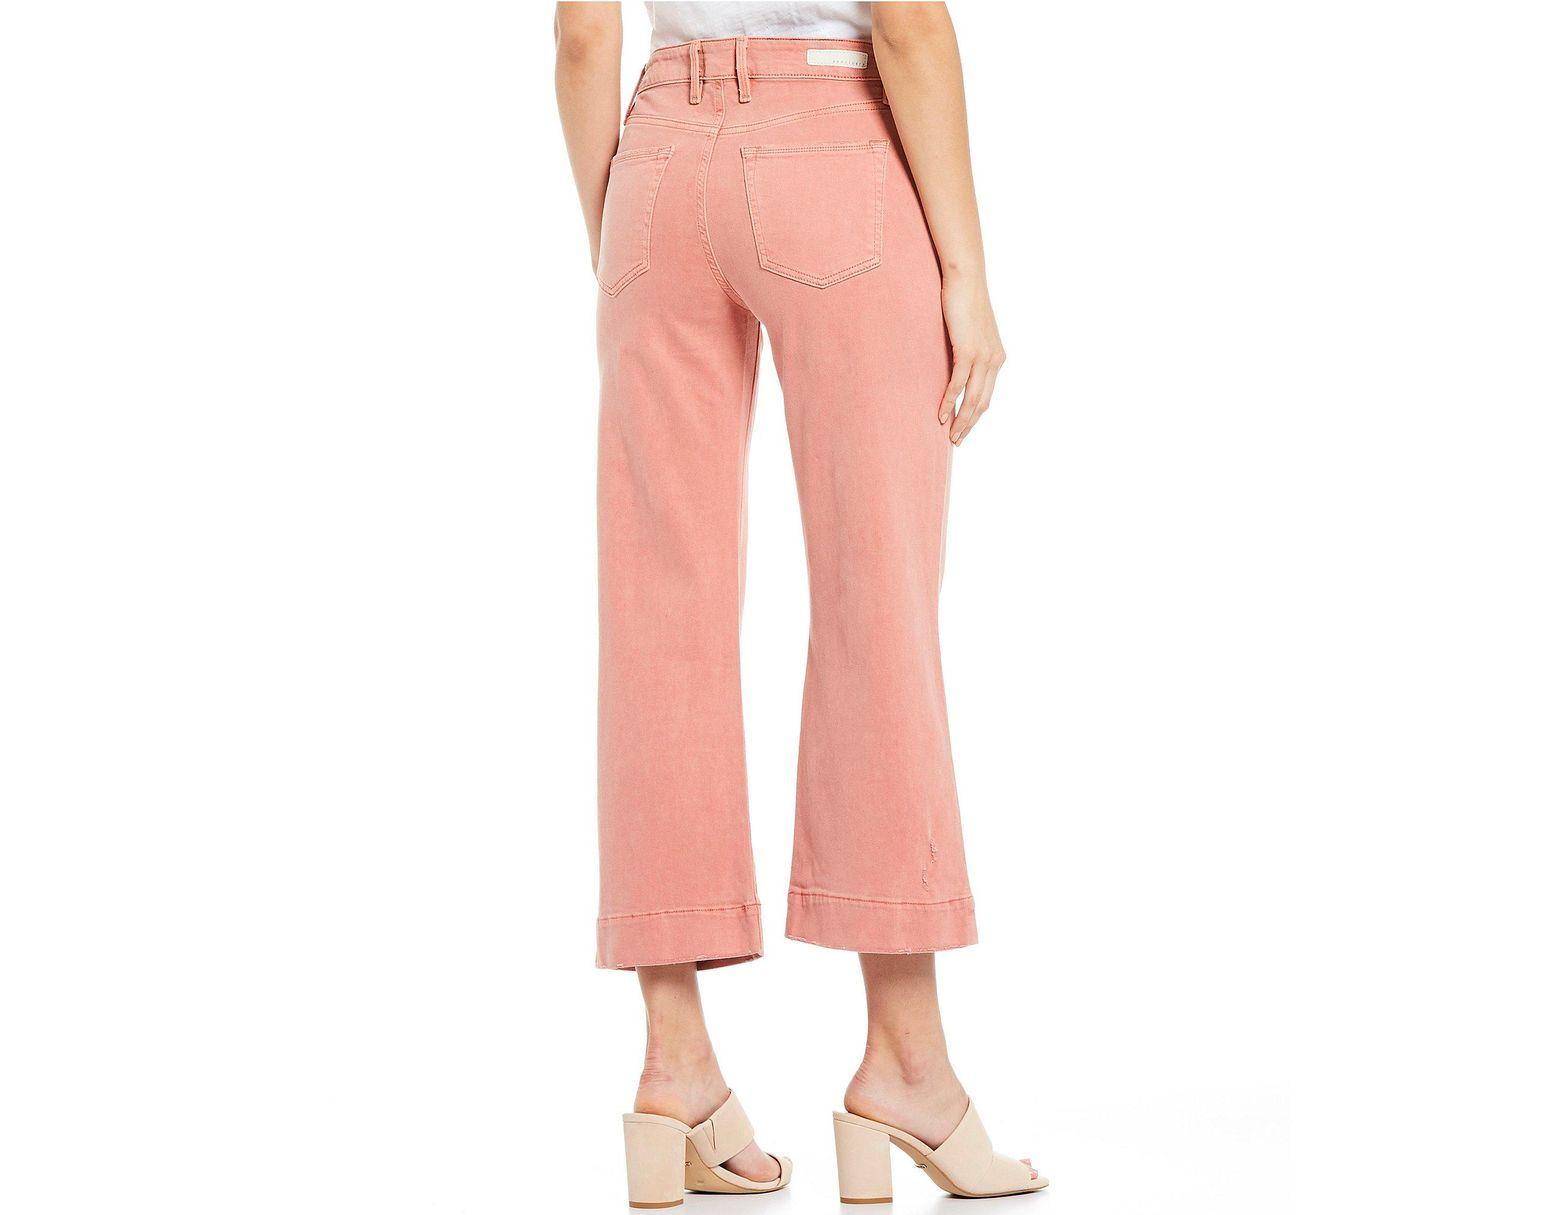 def9b0e2 Sanctuary Non Conformist Wide Leg Crop Jeans in Pink - Lyst